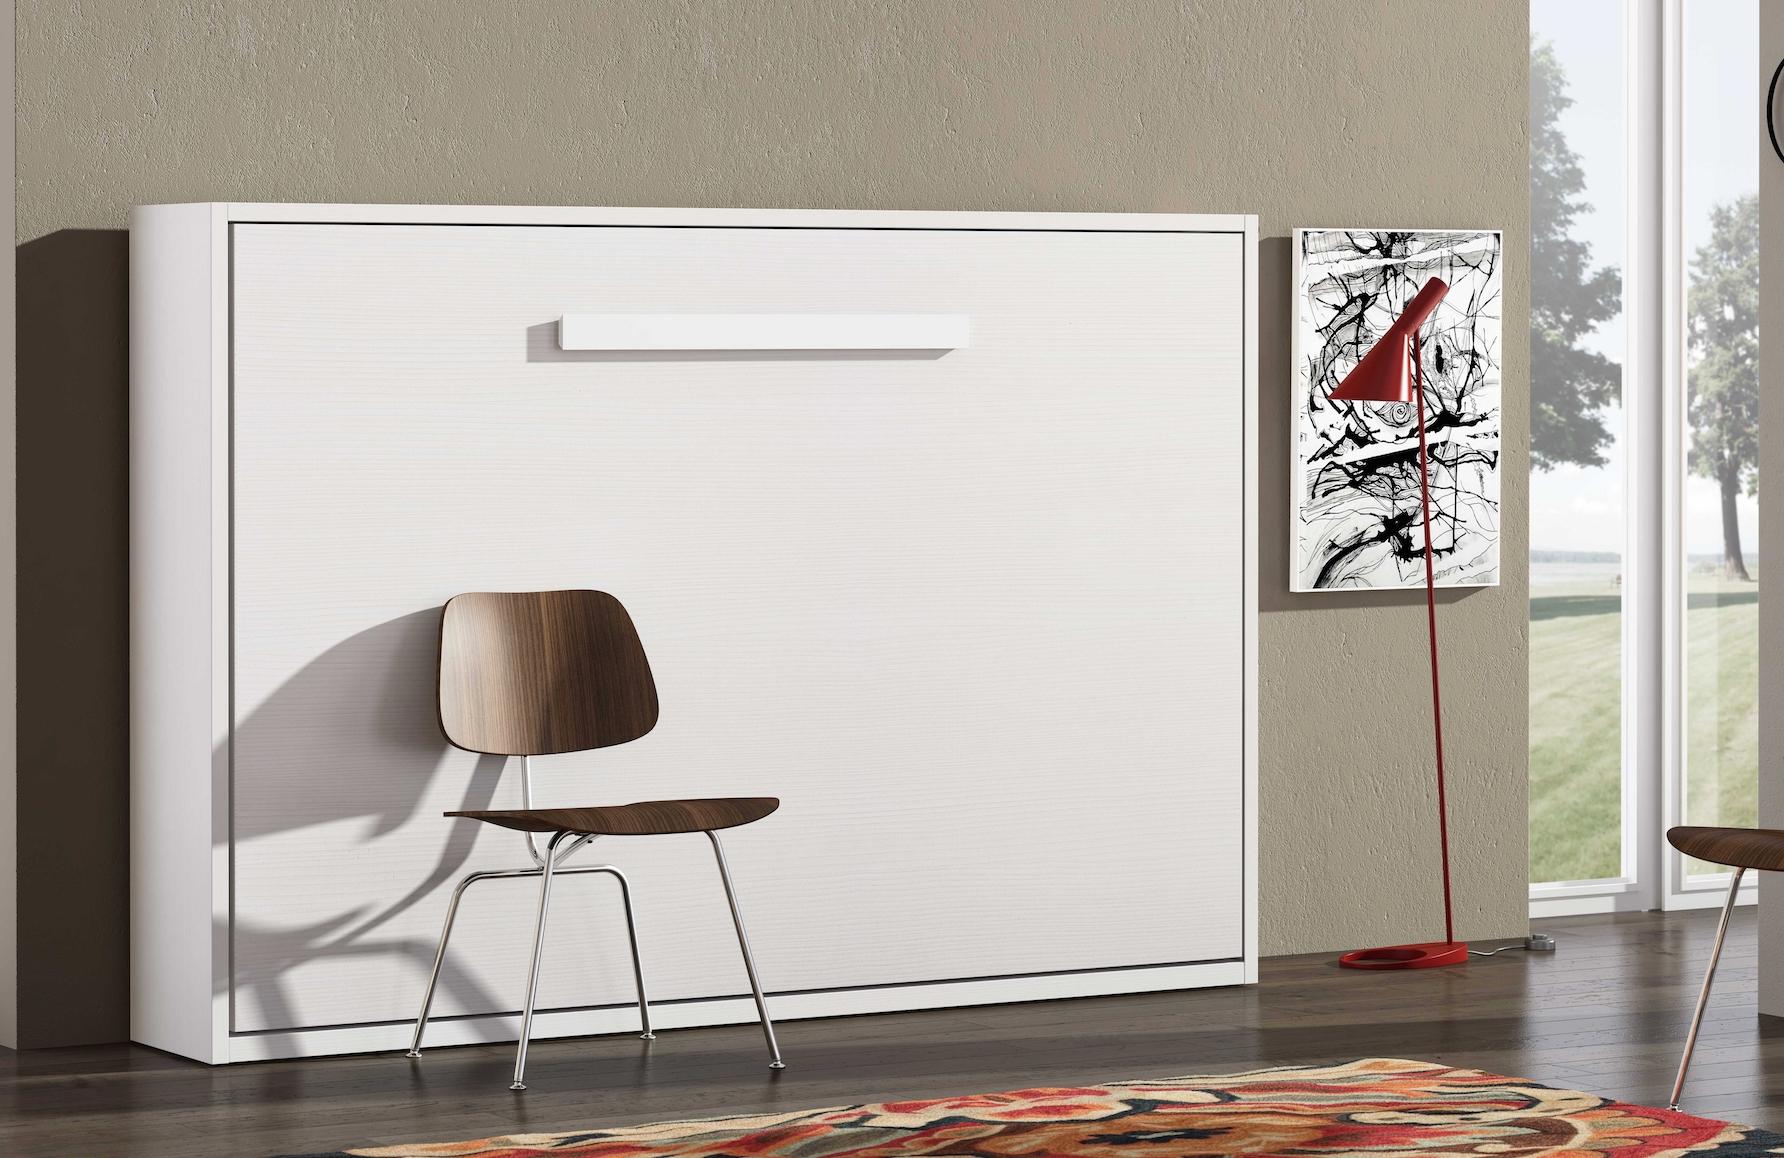 lit escamotable transversal optima 90 structure blanc facade ch nes 3d matelas mousse 18 cm. Black Bedroom Furniture Sets. Home Design Ideas